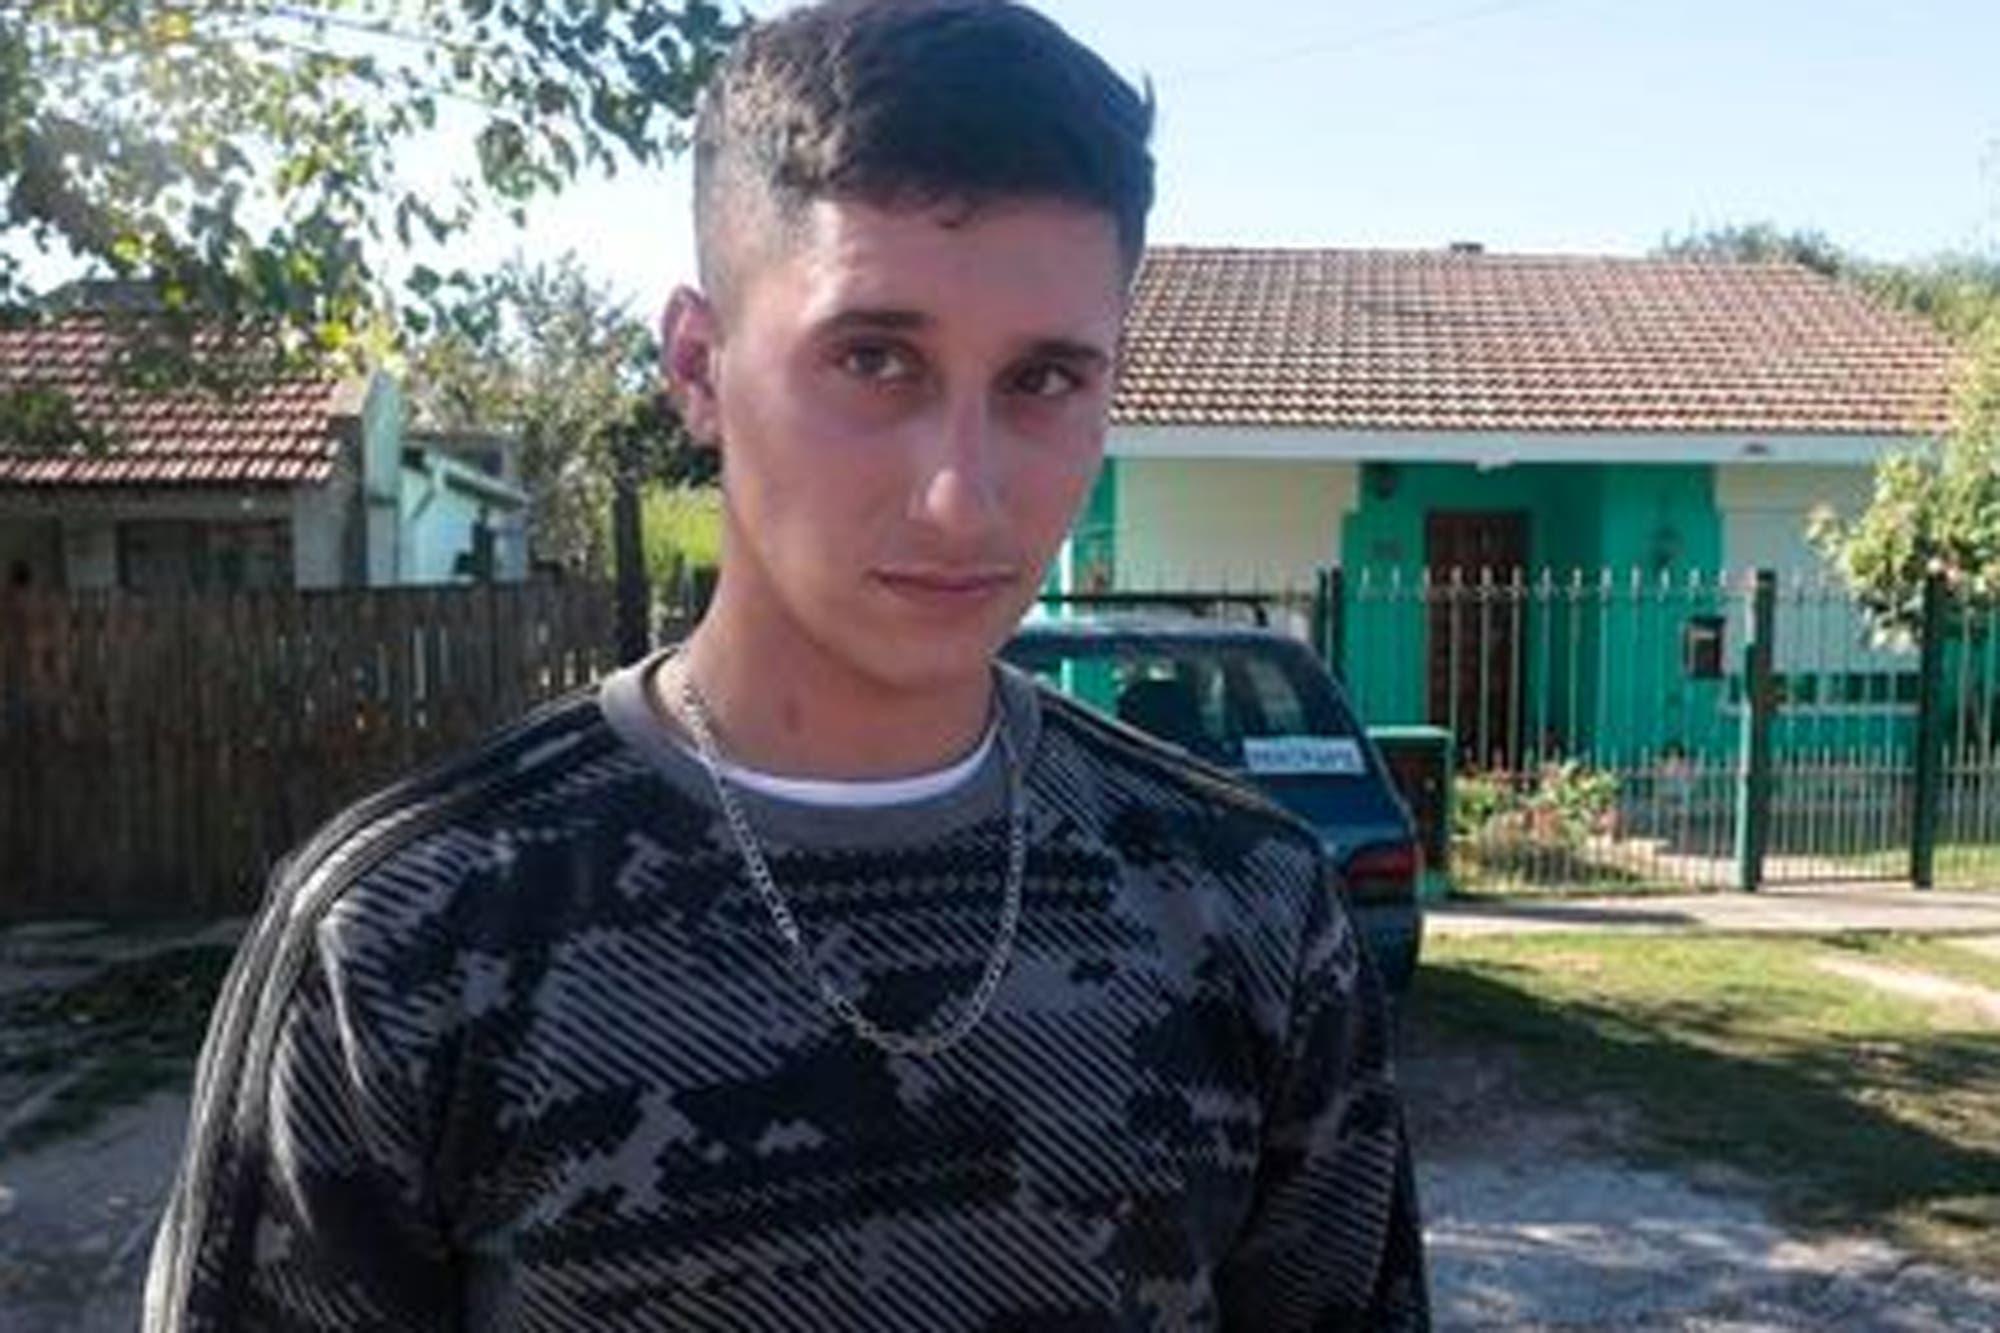 Tenía 15 años y soñaba con ser bombero, pero murió carbonizado en su casilla en La Plata